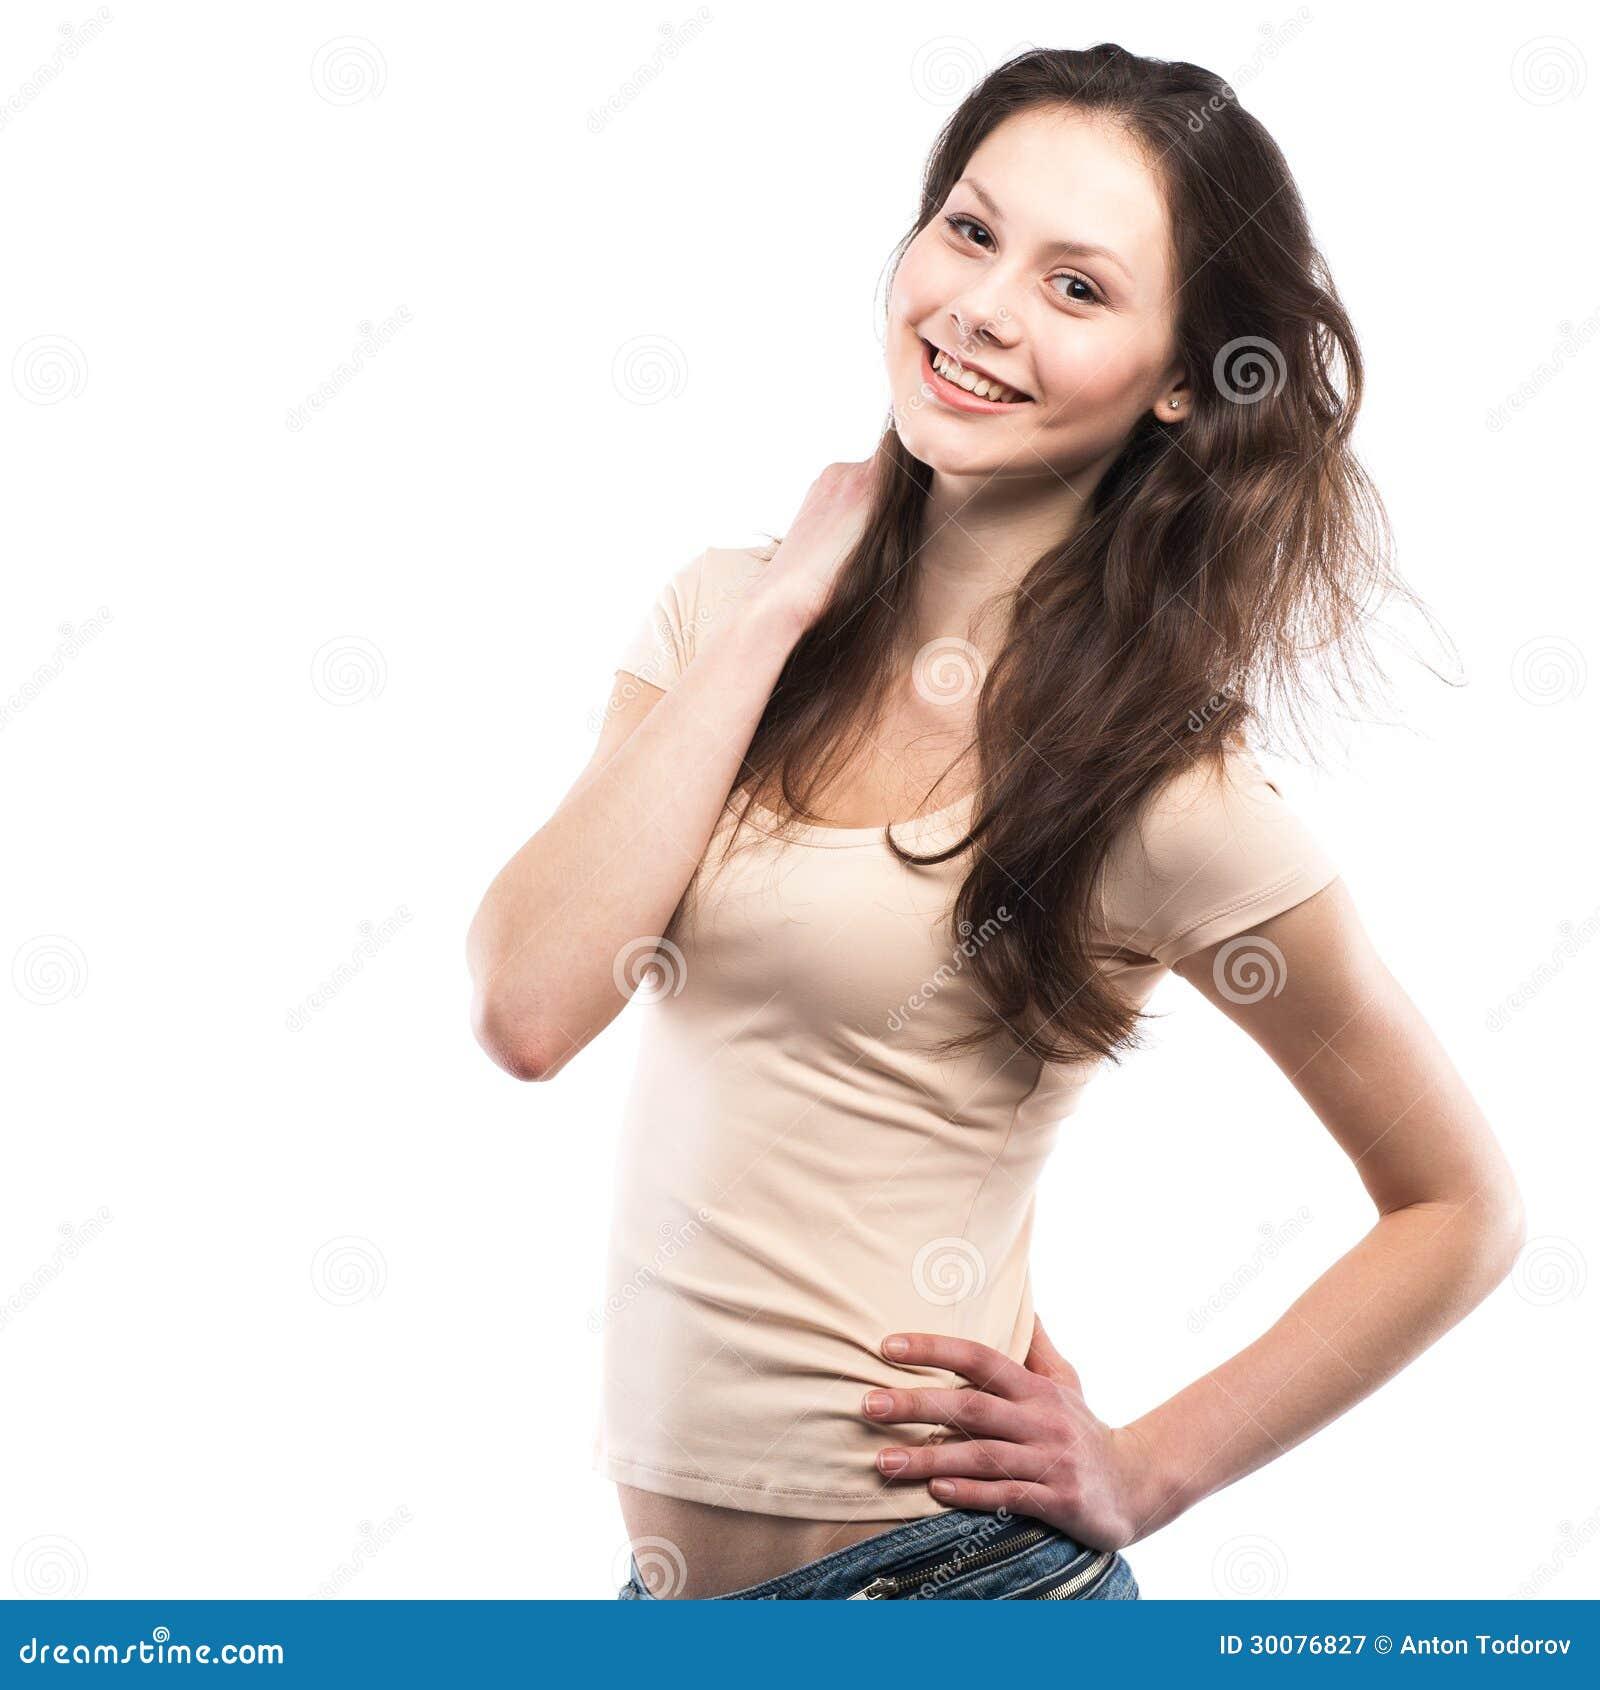 Porträt eines glücklichen Lächelns des jungen Mädchens